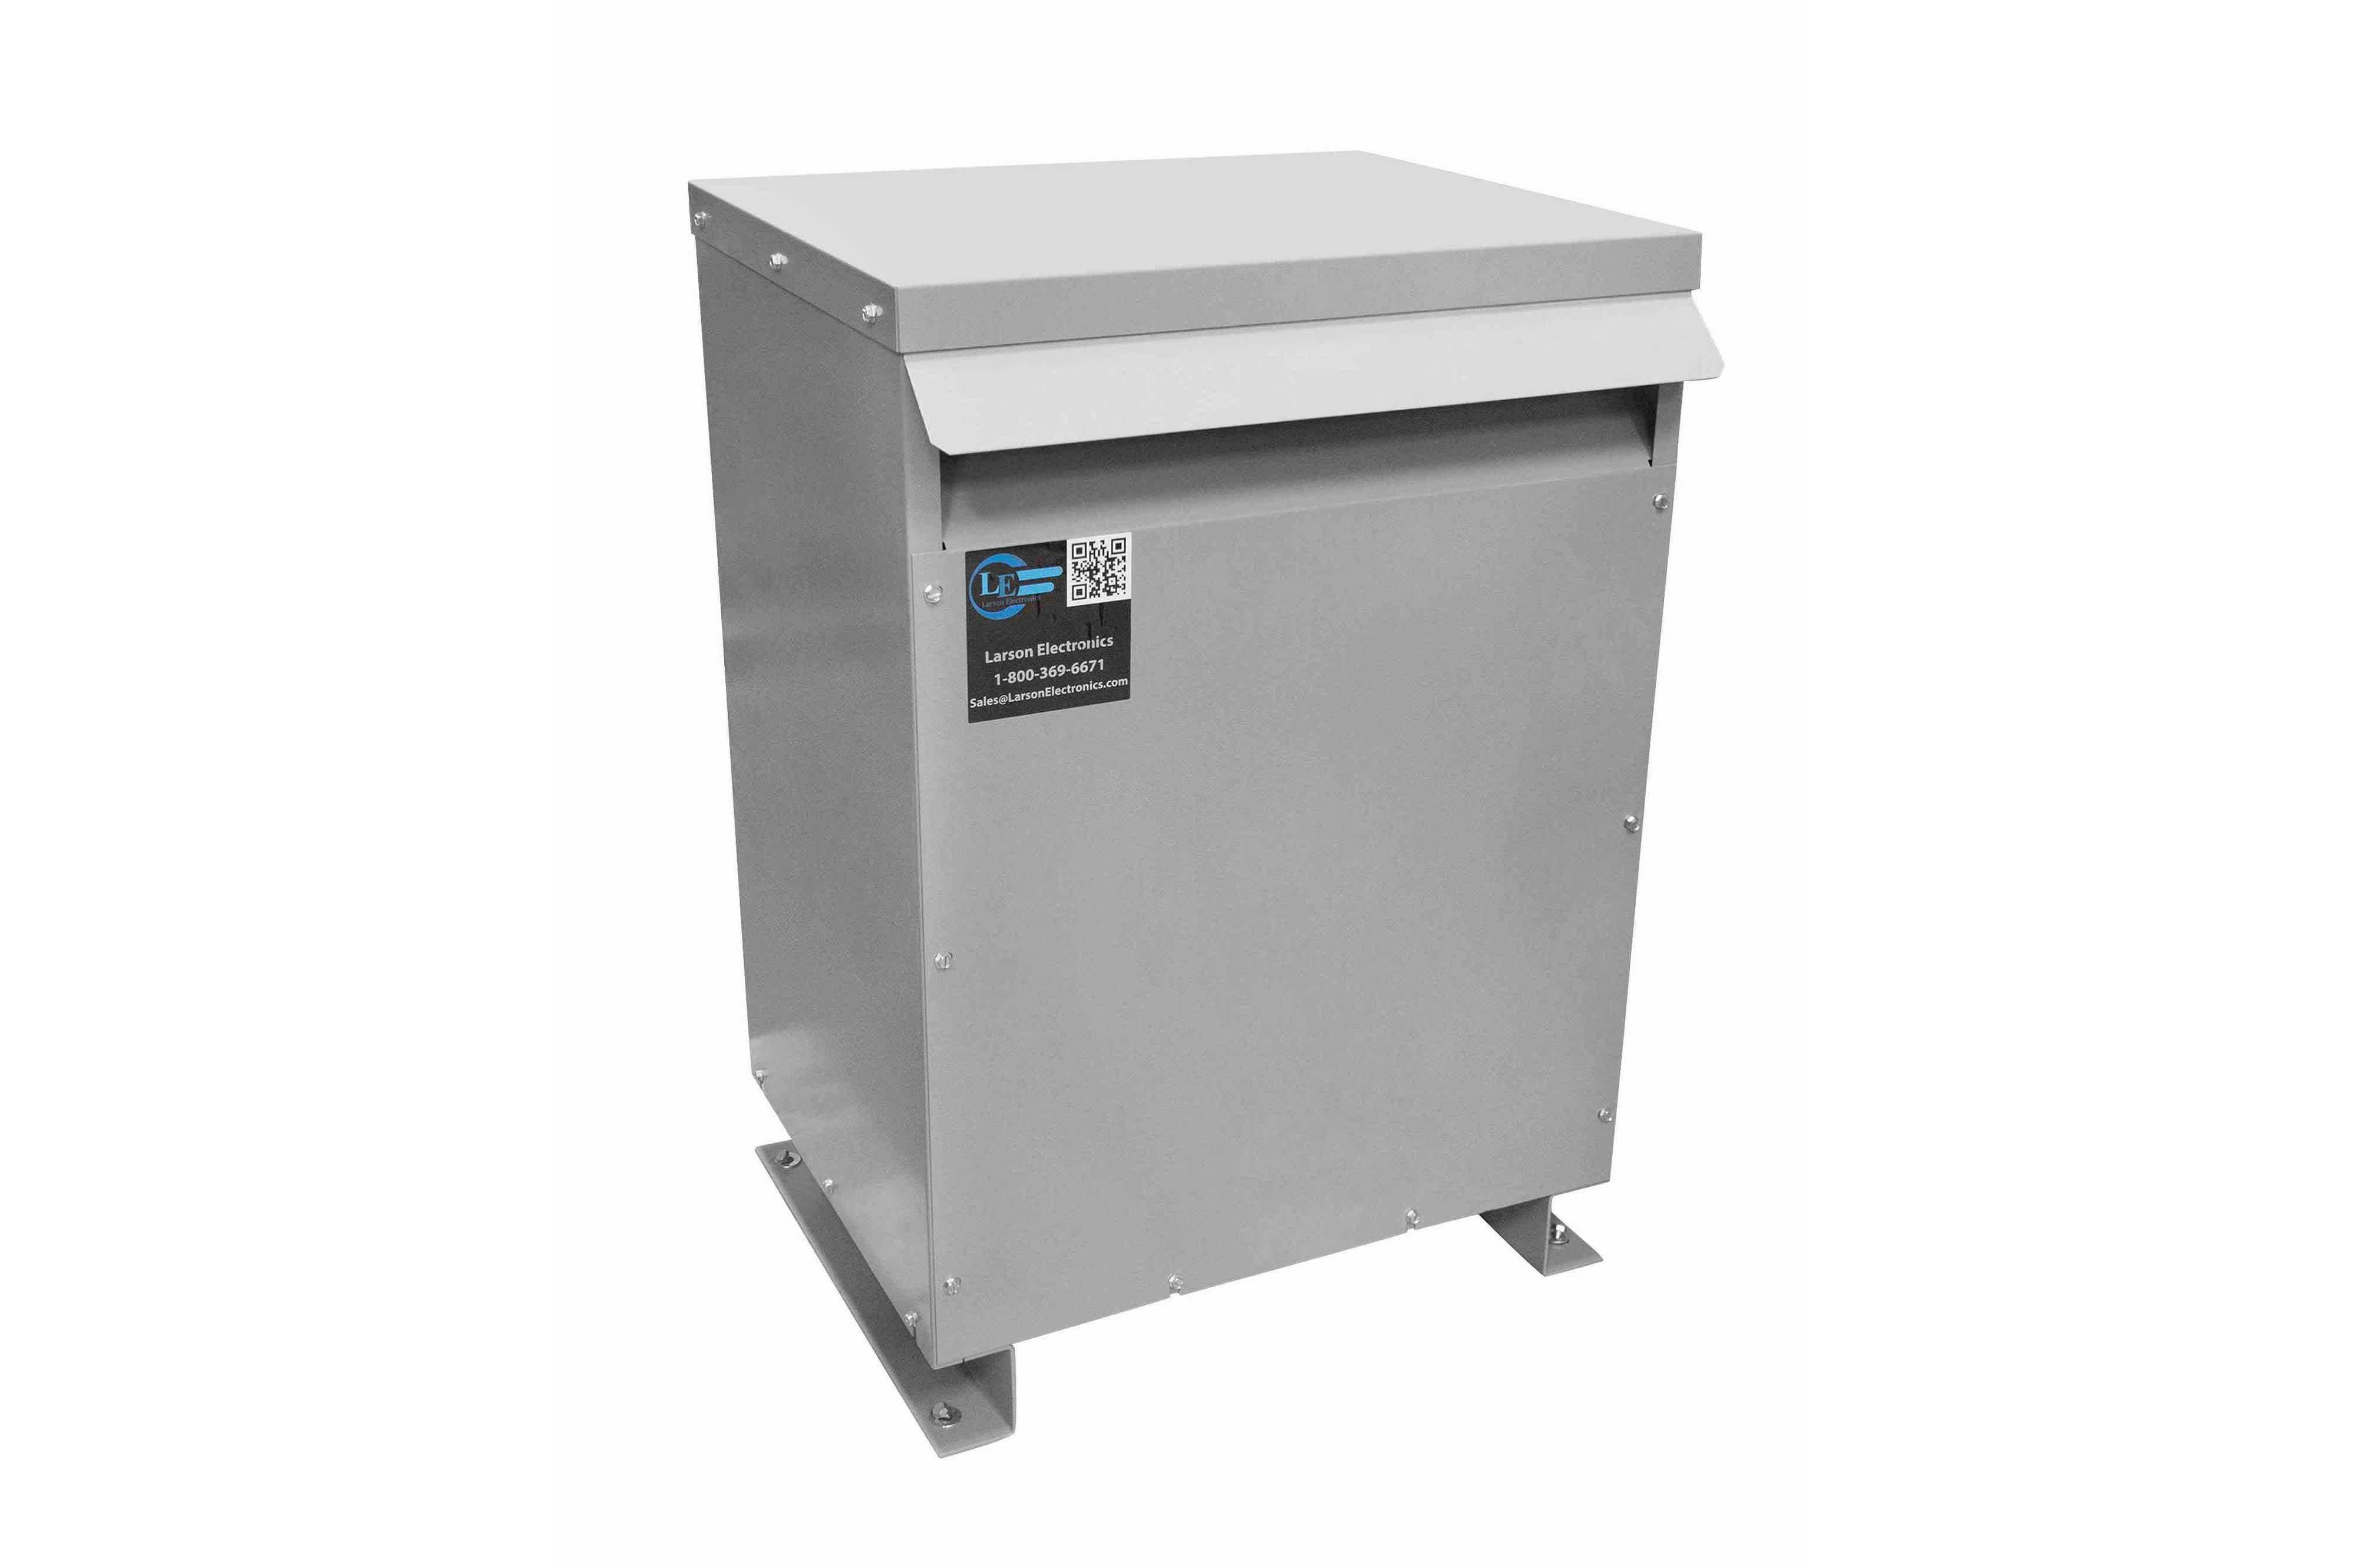 300 kVA 3PH Isolation Transformer, 460V Delta Primary, 240 Delta Secondary, N3R, Ventilated, 60 Hz